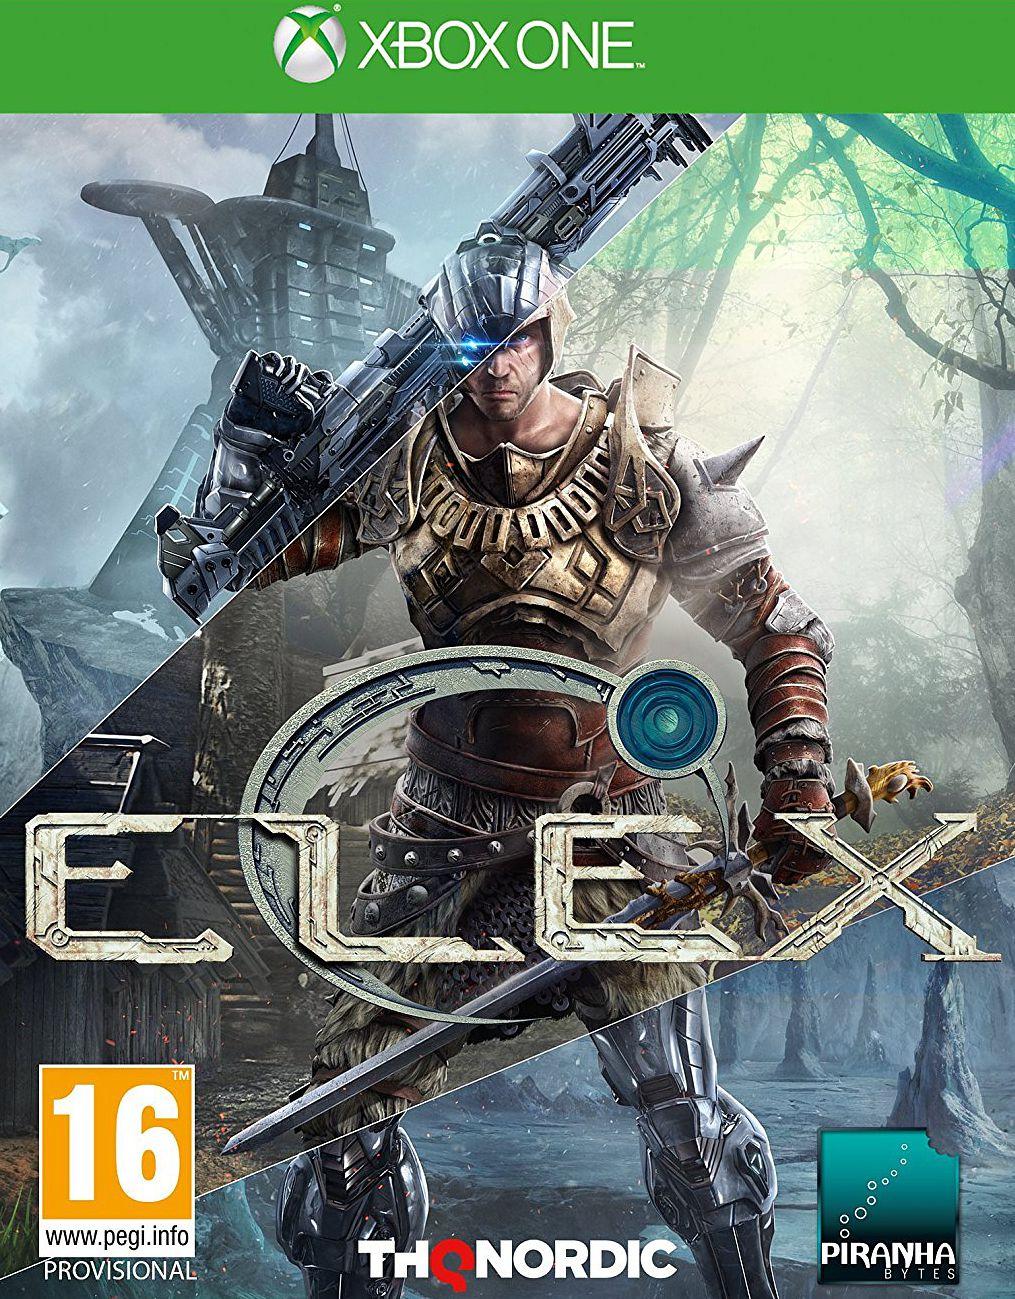 ELEX [Xbox One]ELEX – тщательно проработанная динамическая ролевая игра, создаваемая удостоенными наград авторами серии Gothic. Ее действие разворачивается в новой постапокалиптической научно-фантастической вселенной: игроков ждет огромный бесшовный мир, полный ярких персонажей, гротескных мутантов, моральных дилемм и напряженных приключений.<br>